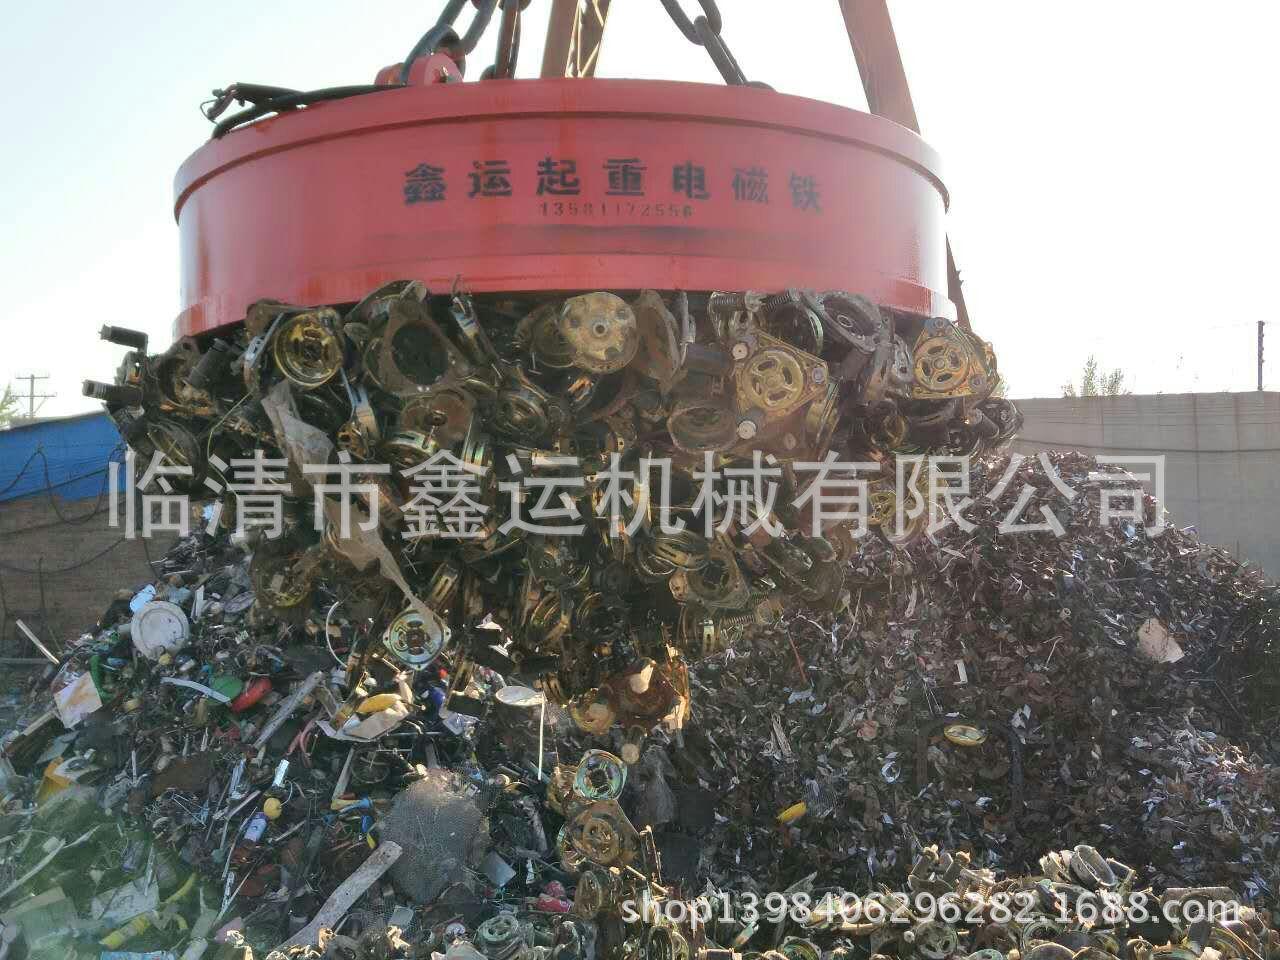 厂家直销起重电磁铁MW5-130L/1强励磁挖掘机吸铁盘行车搬运废钢废料起重电磁吸盘示例图15